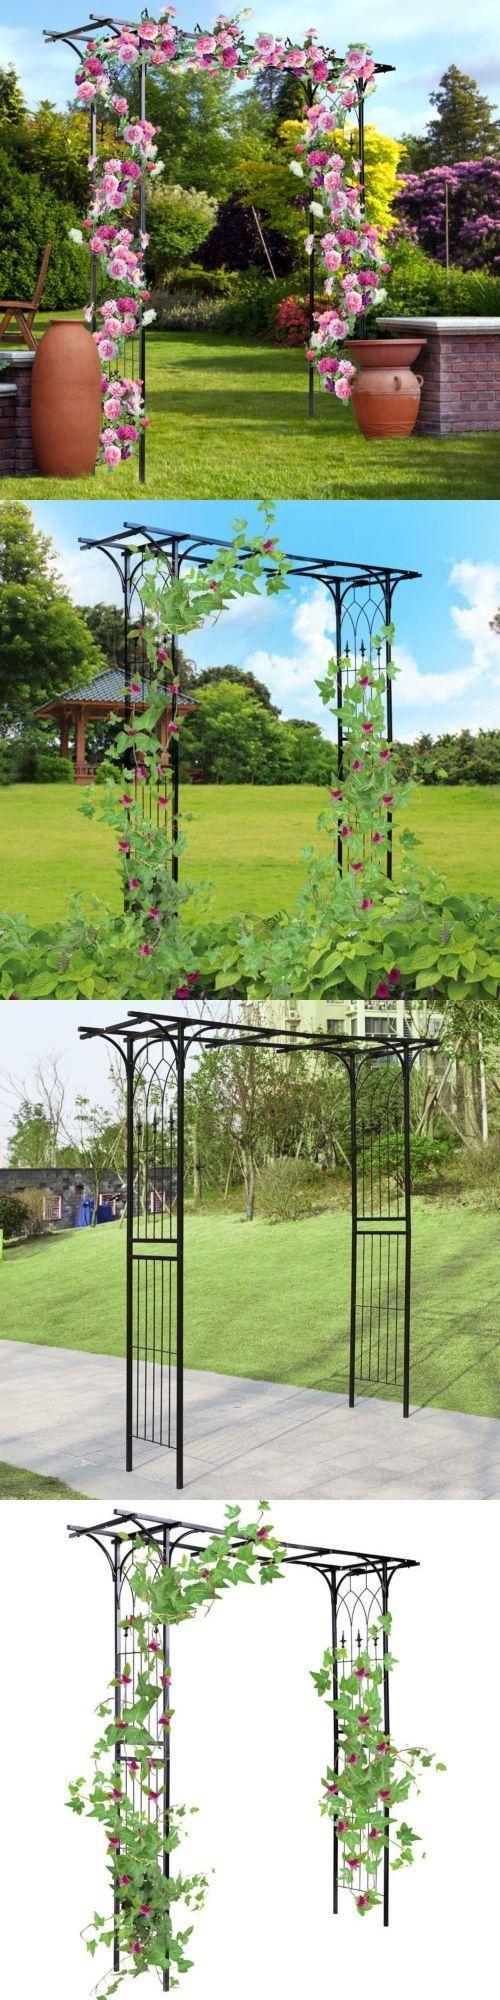 Arbors Und Bogen 180993 Pergola Torbogen Garten Hochzeits Rosen Bogen Blumen Aufstieg